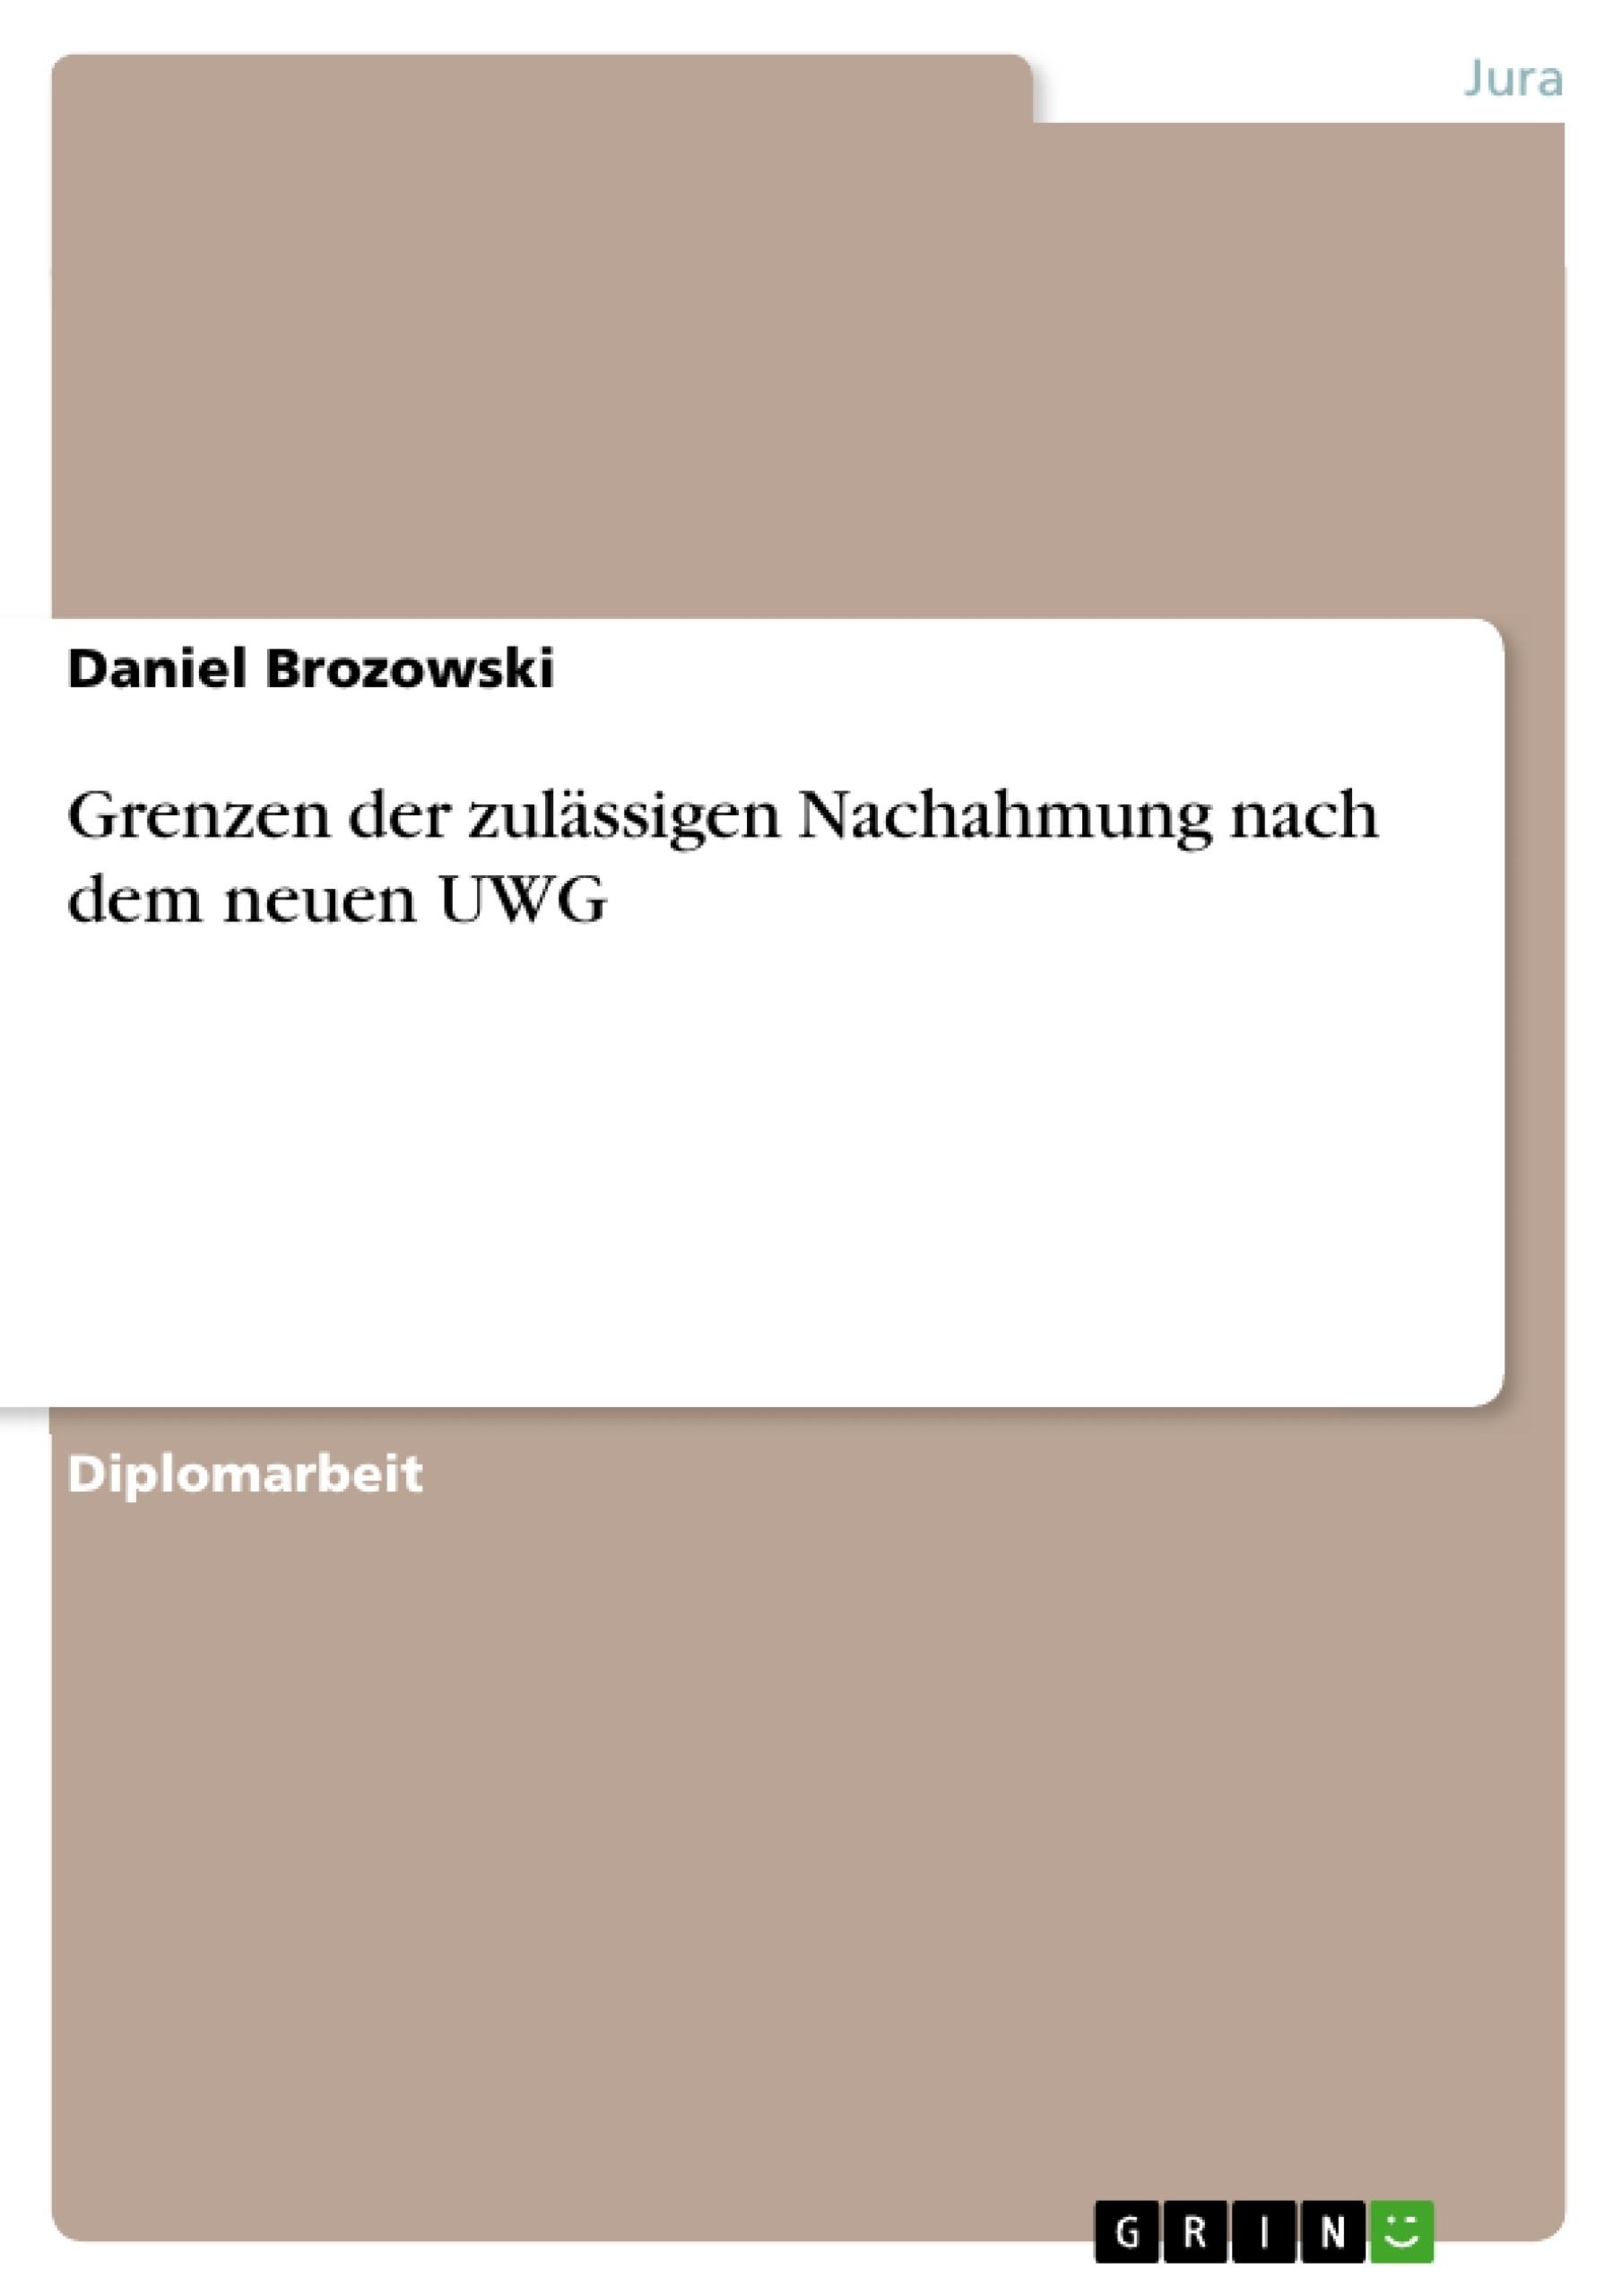 Titel: Grenzen der zulässigen Nachahmung nach dem neuen UWG